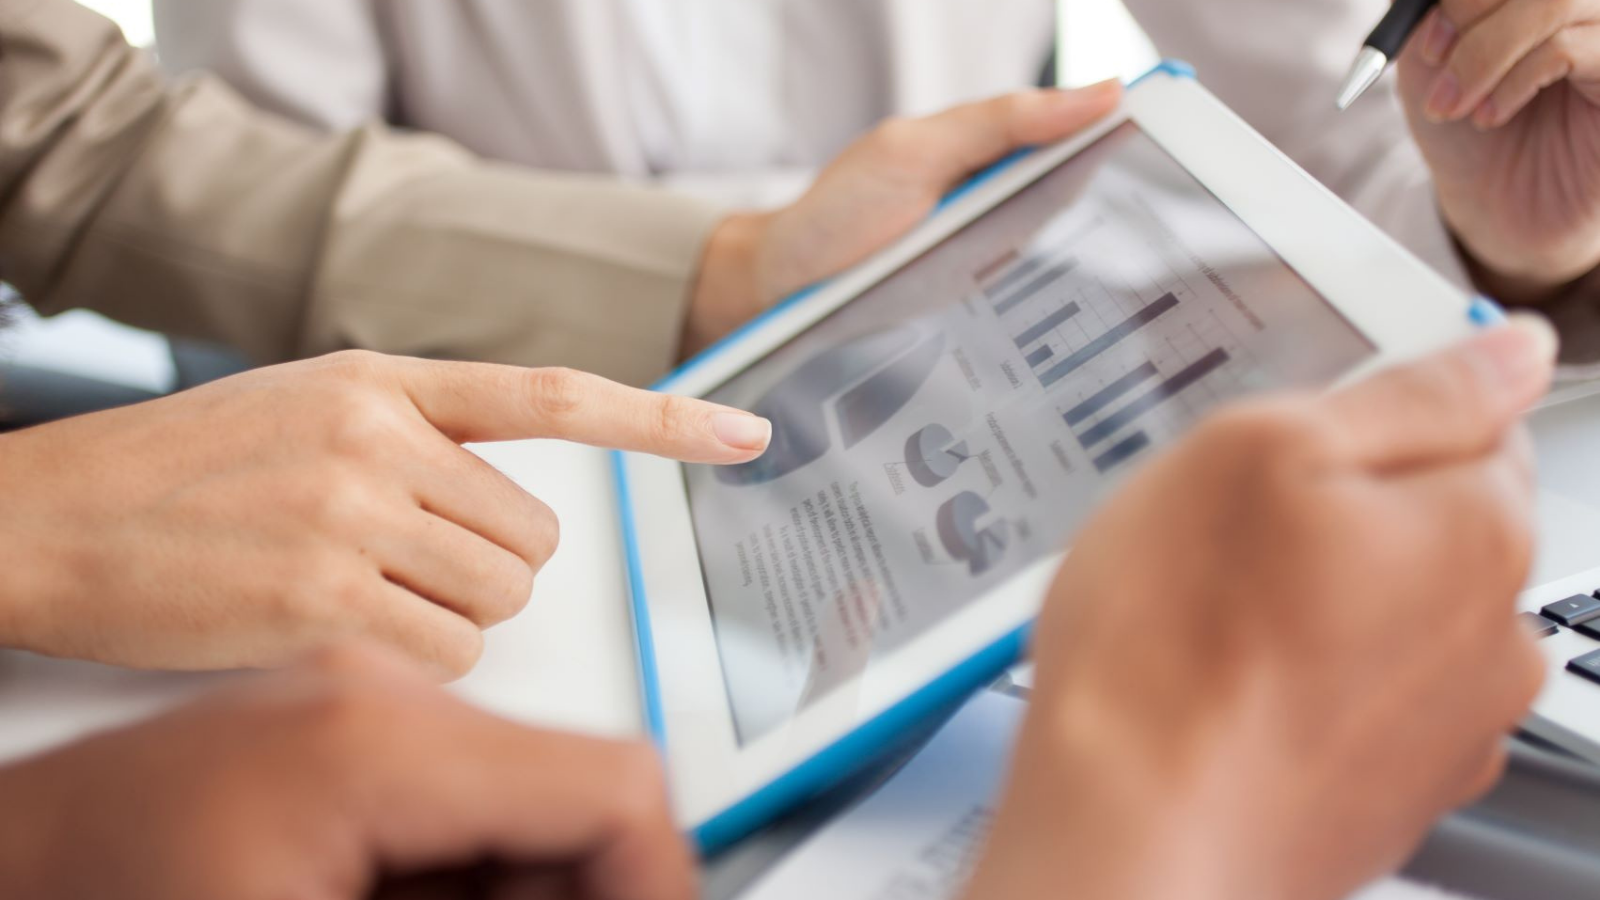 Jak analityka pozwala przewidzieć zachowania klientów? Data mediarun e commerce analityka